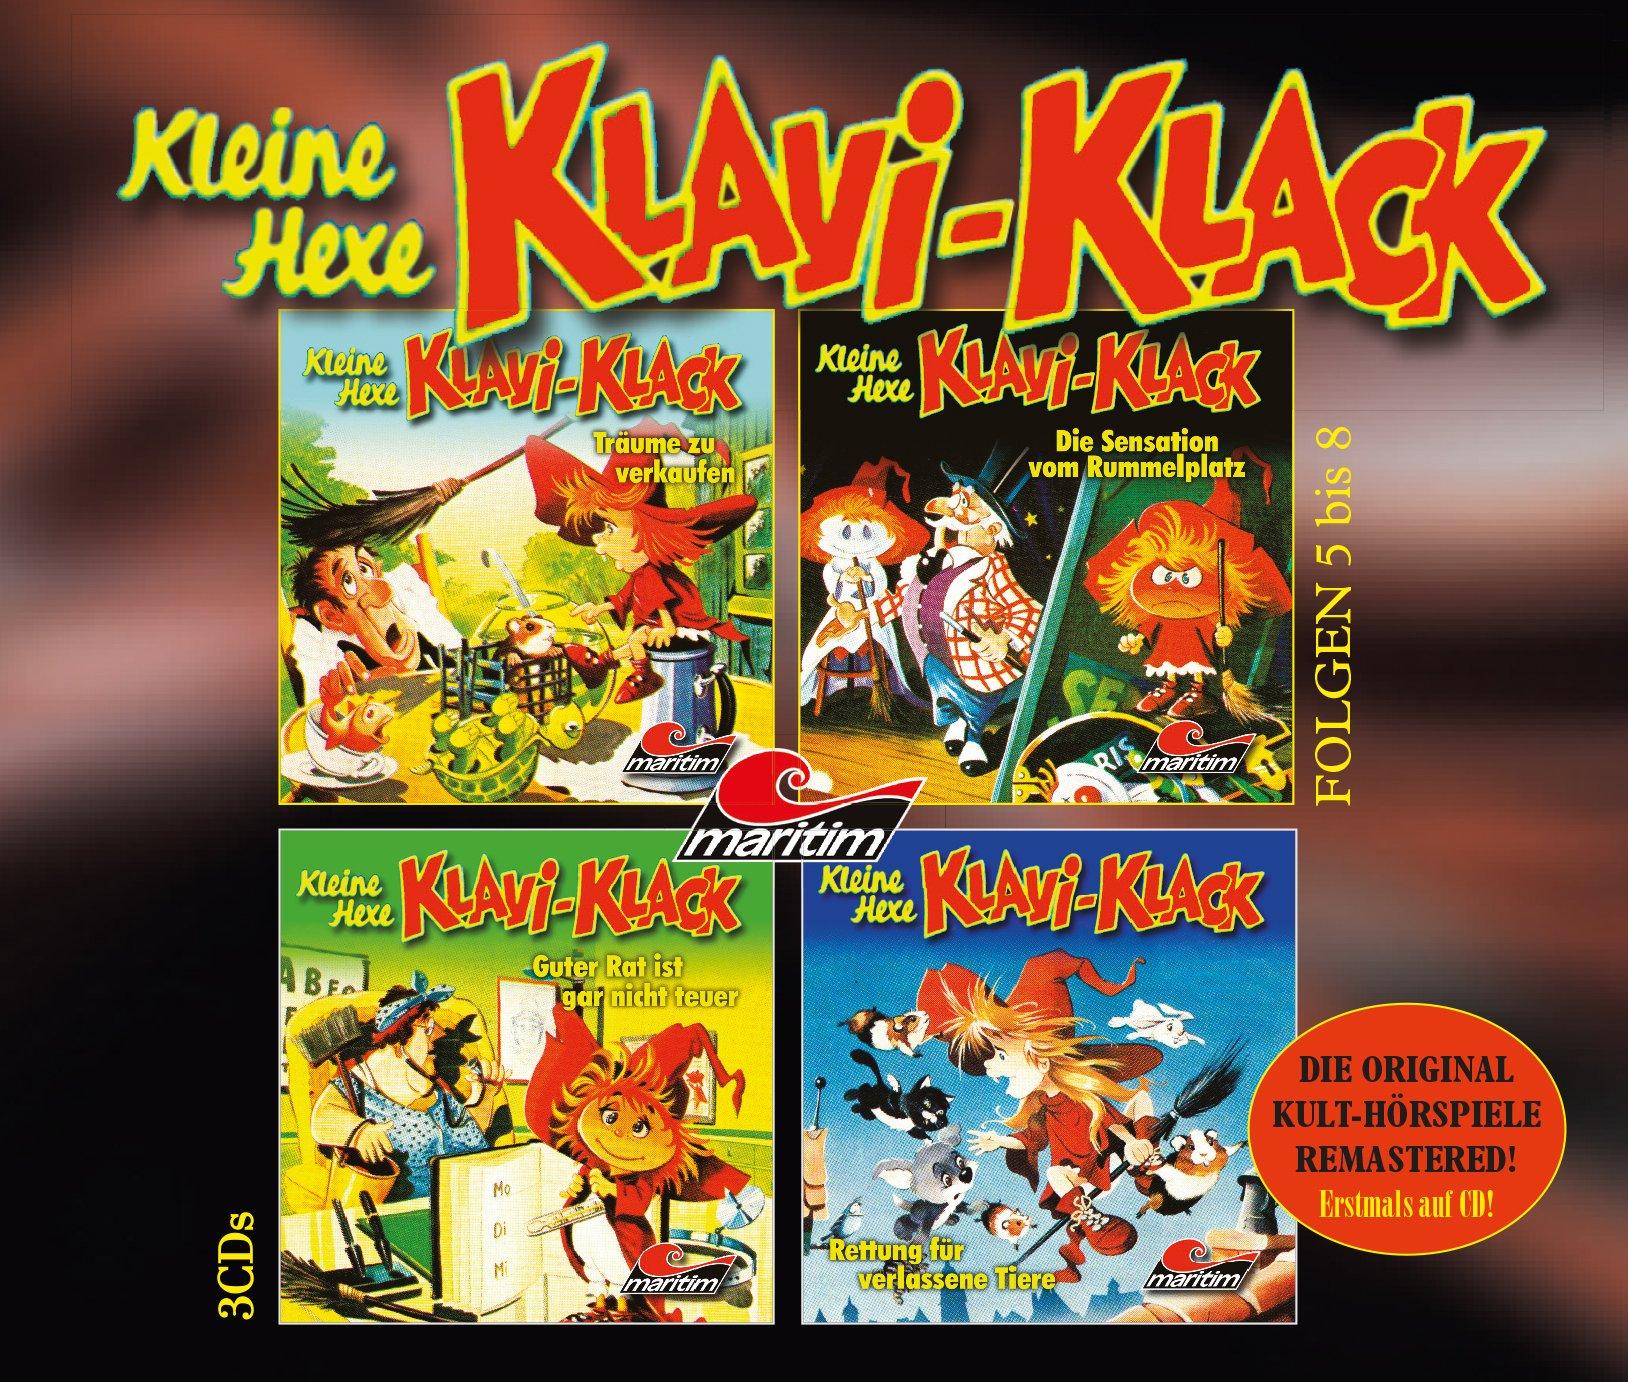 Kleine Hexe Klavi-Klack (5) Träume zu verkaufen - maritim 1980 / 2016